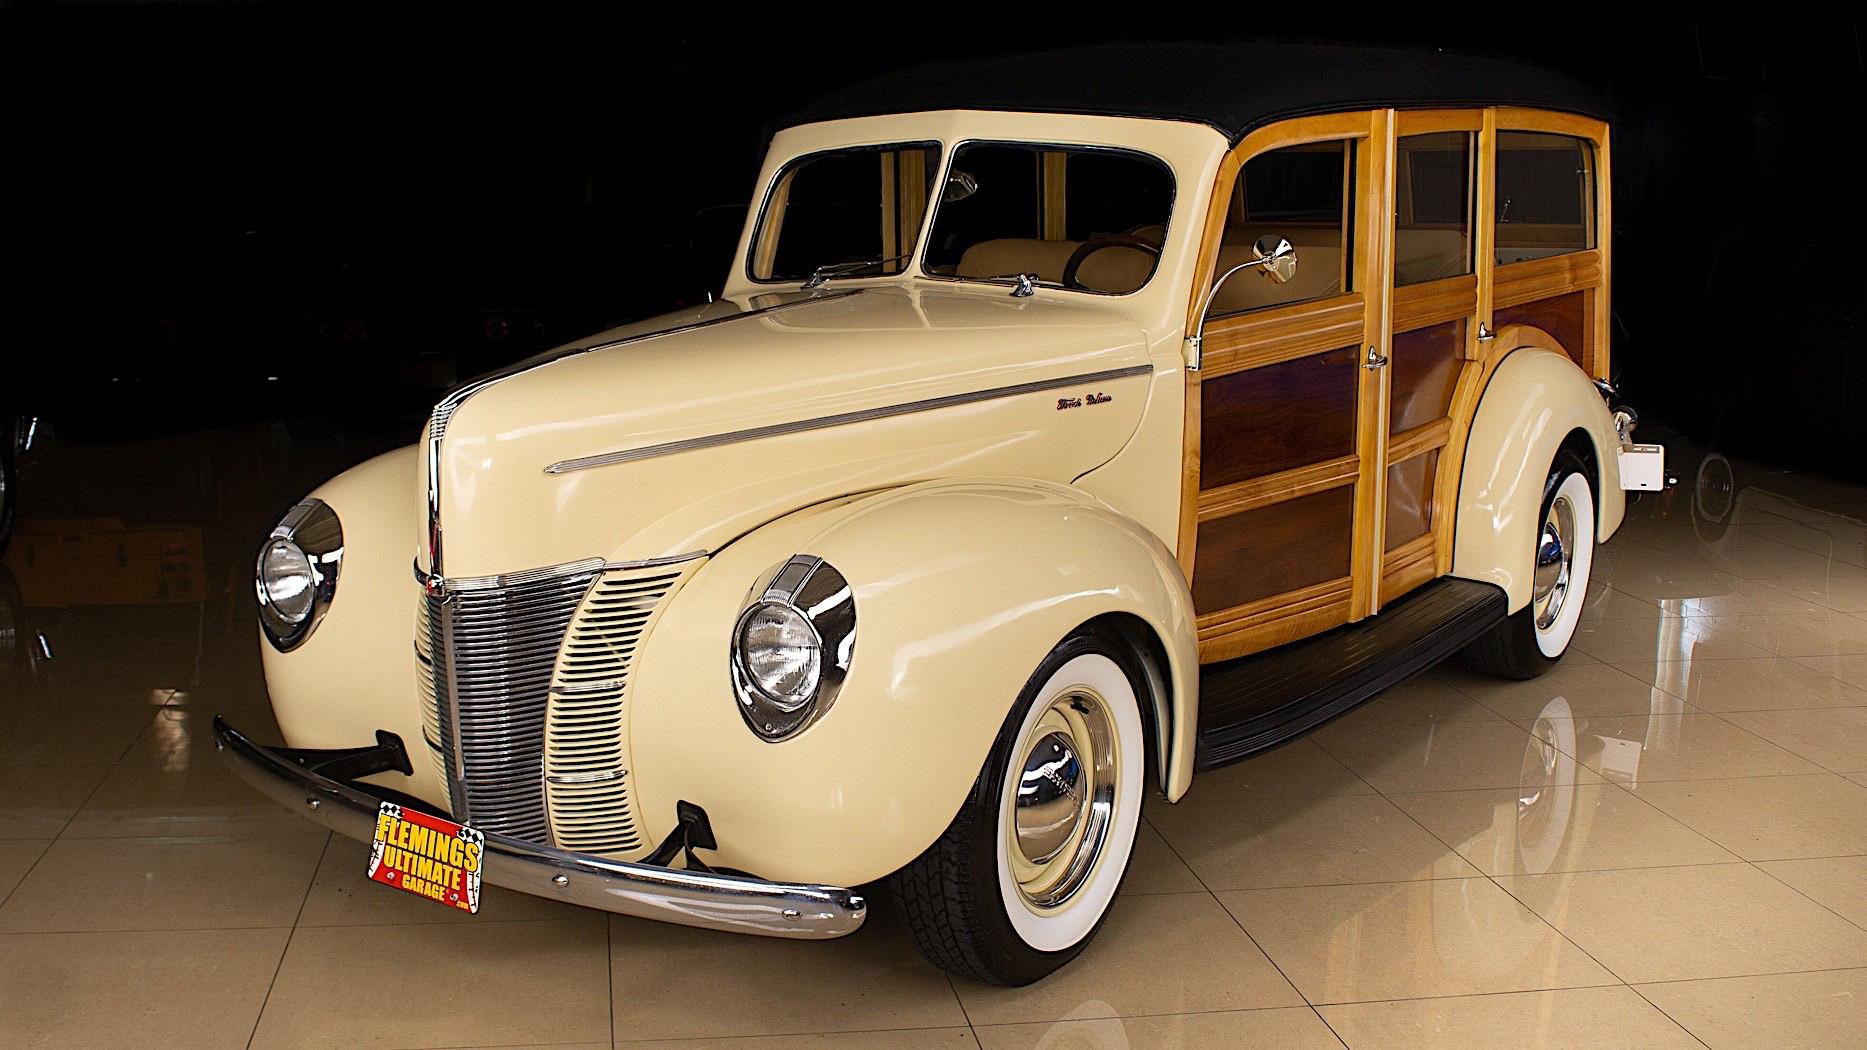 Ford De Luxe Woodie 1940 bản phục chế ốp gỗ với giá 101.000 USD - Ảnh 5.